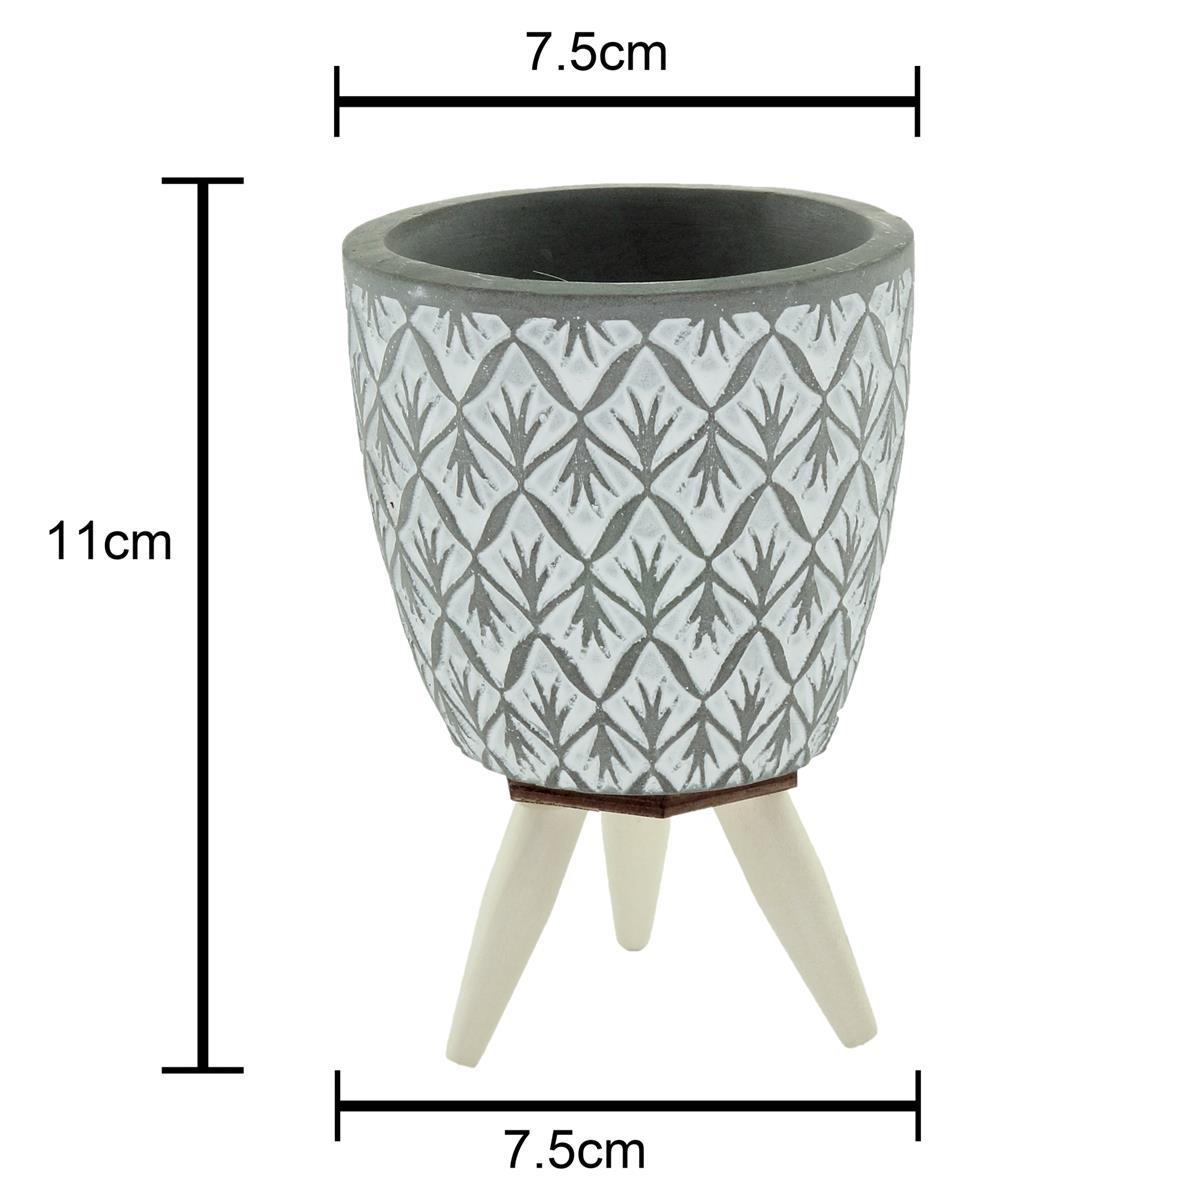 Cachepot concreto Losang Leef cinza com pé 7,5x11cm Urban